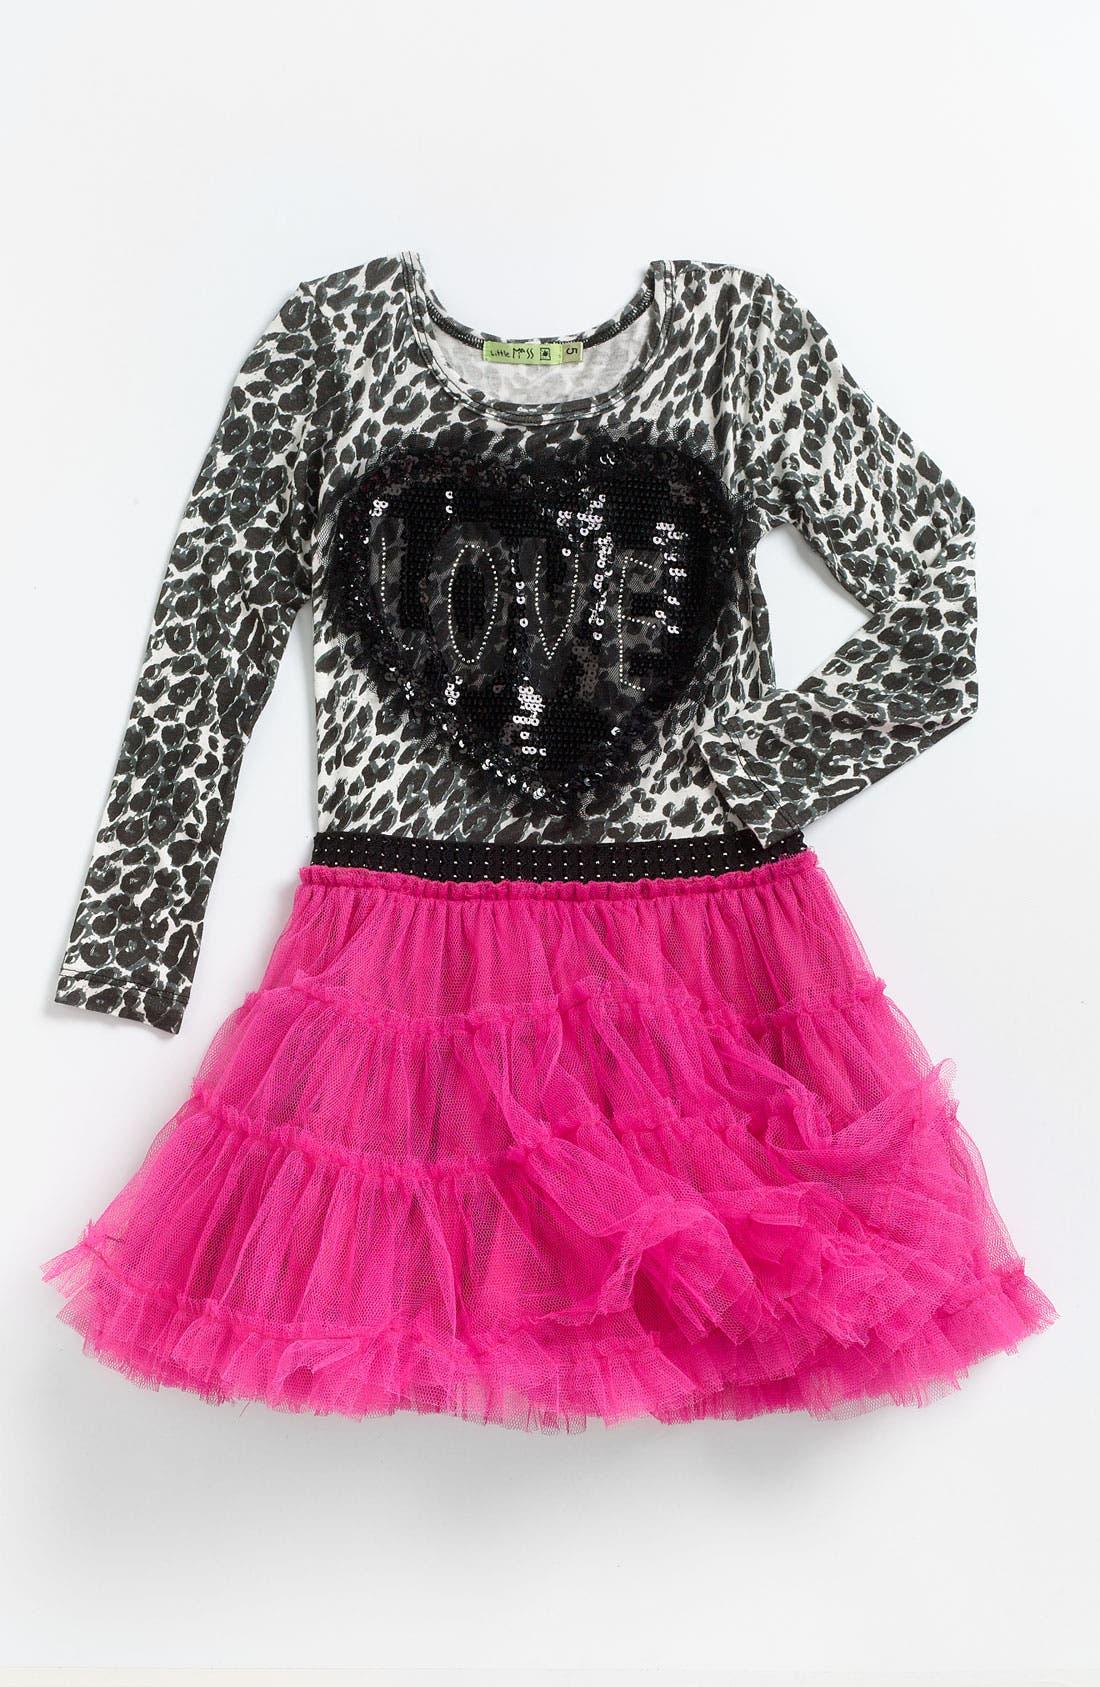 Main Image - Little Mass 'Princess' Tutu Dress (Little Girls)